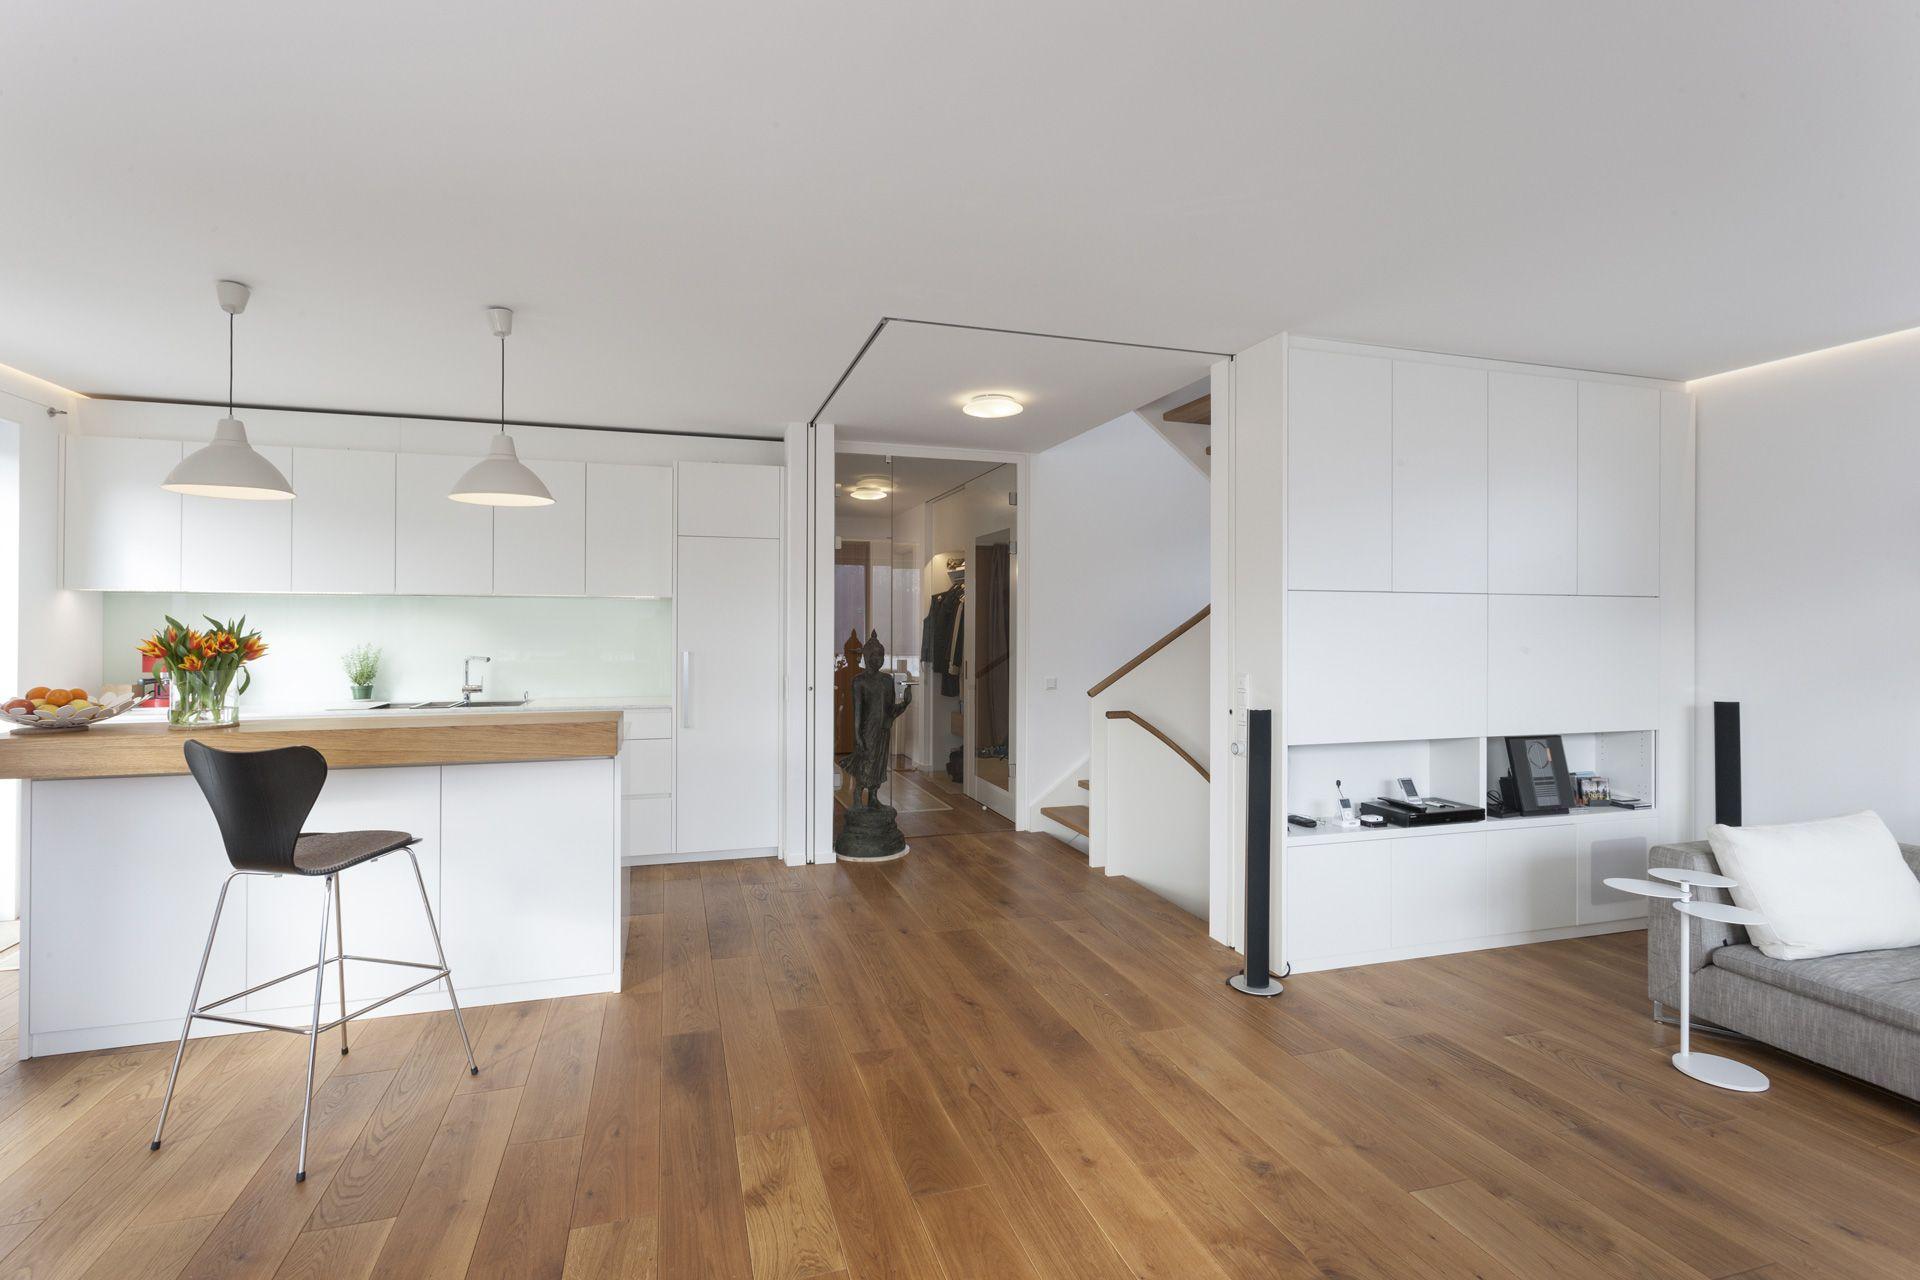 Wohnküche mit Parkplätzen für Schiebetüren | Küche essplatz ...